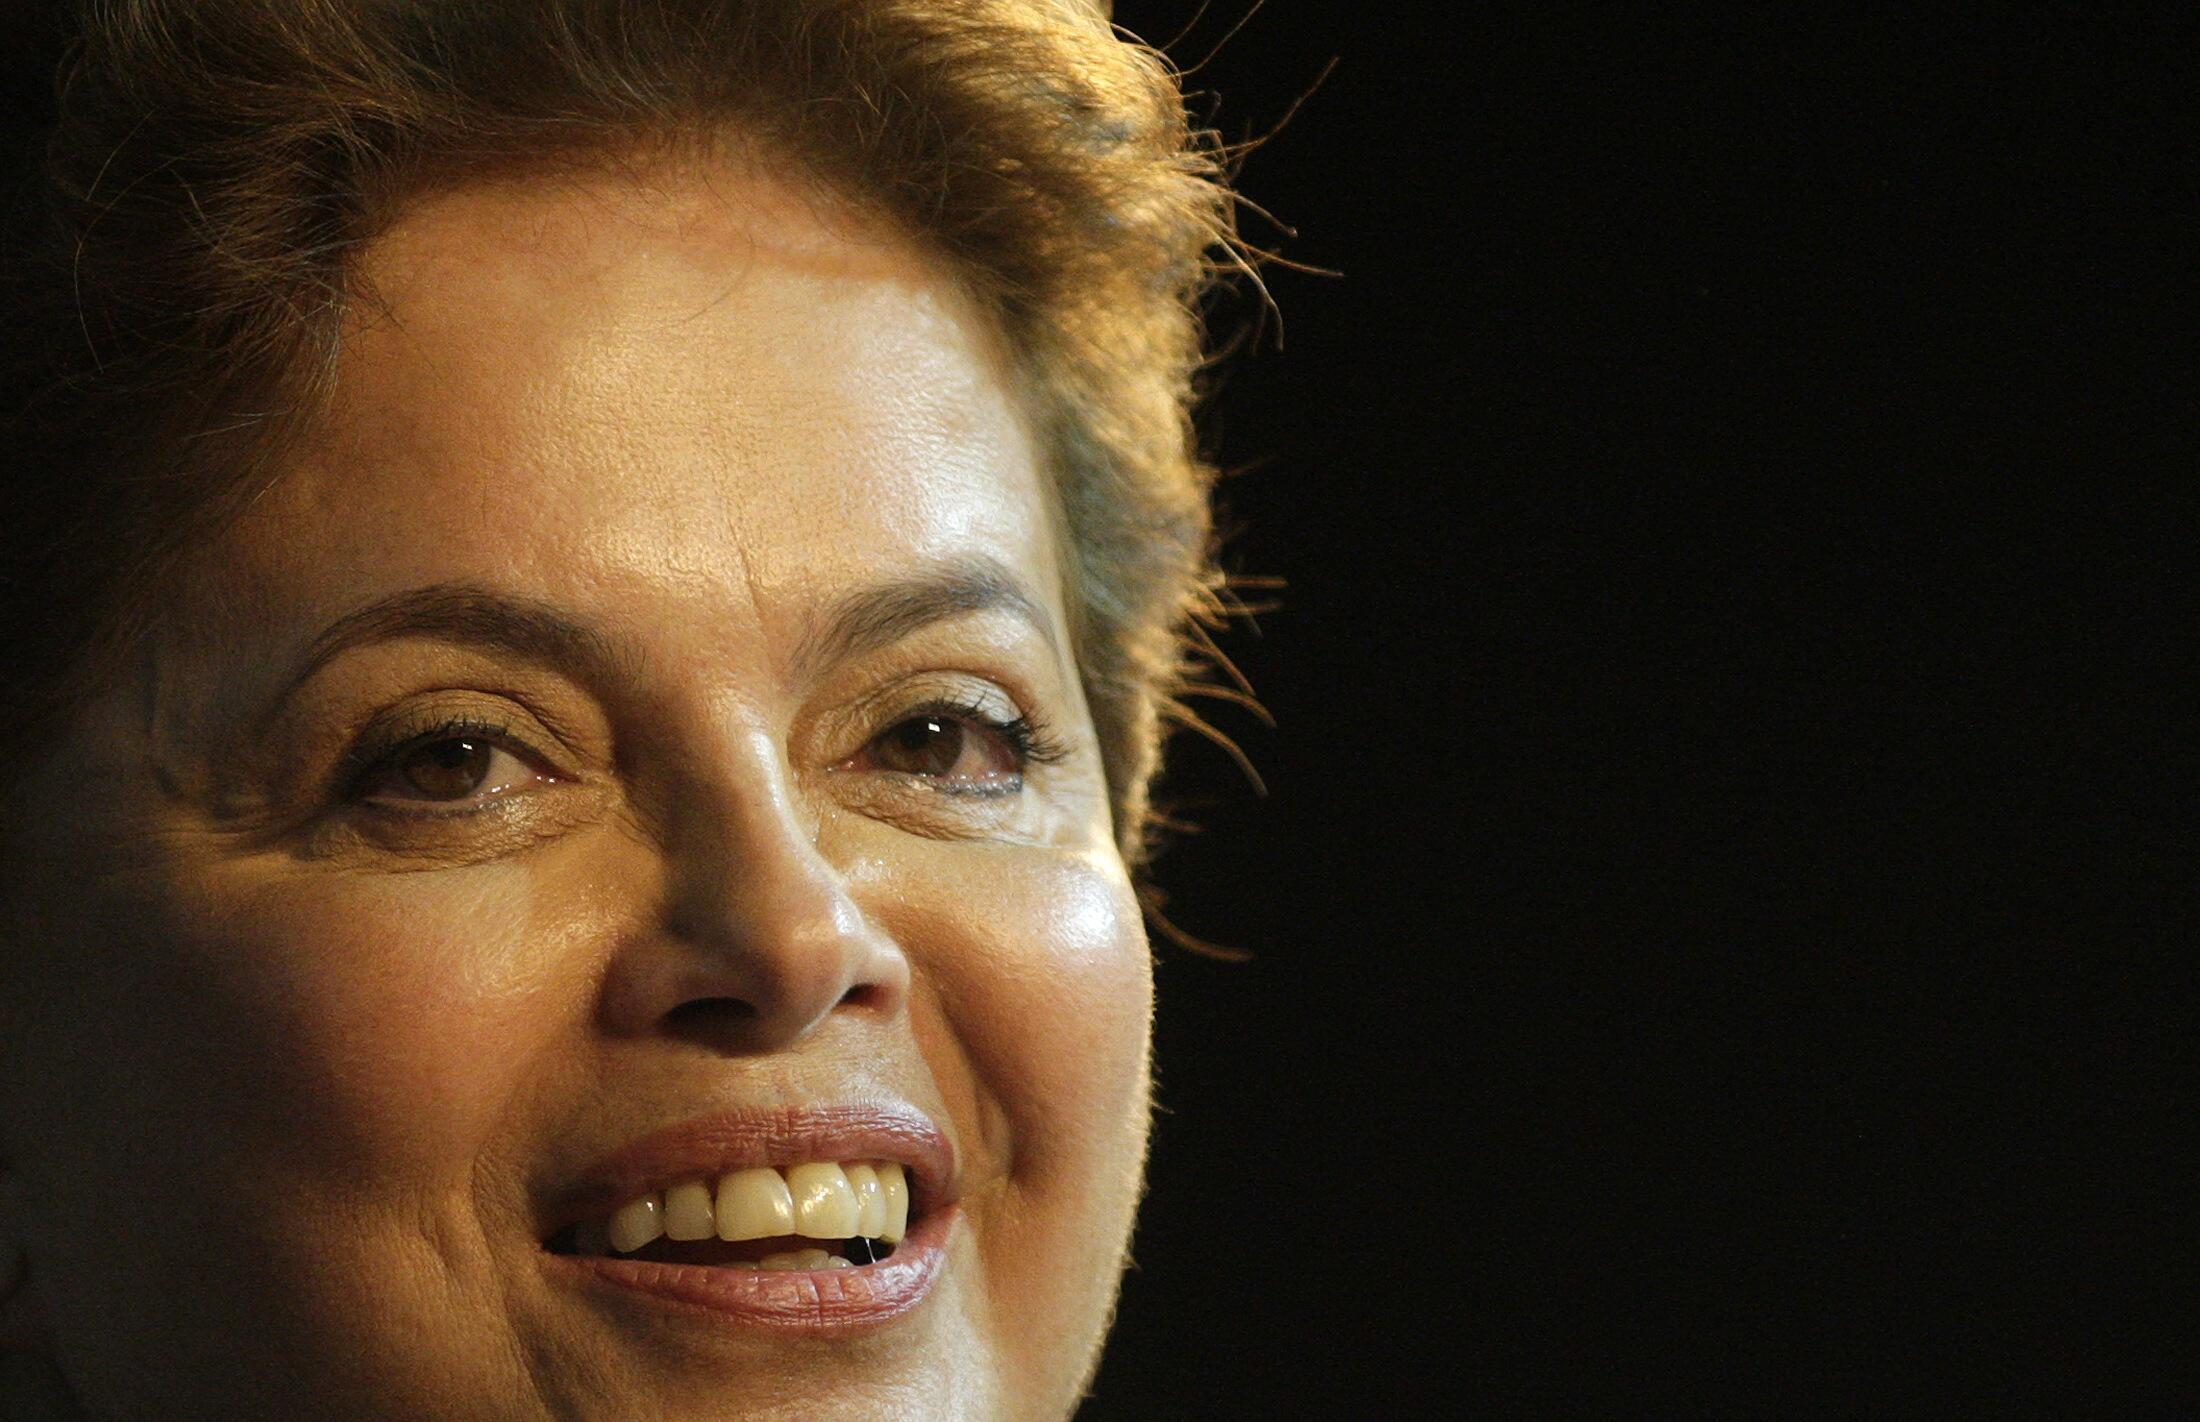 Brazil's new female president Dilma Roussef